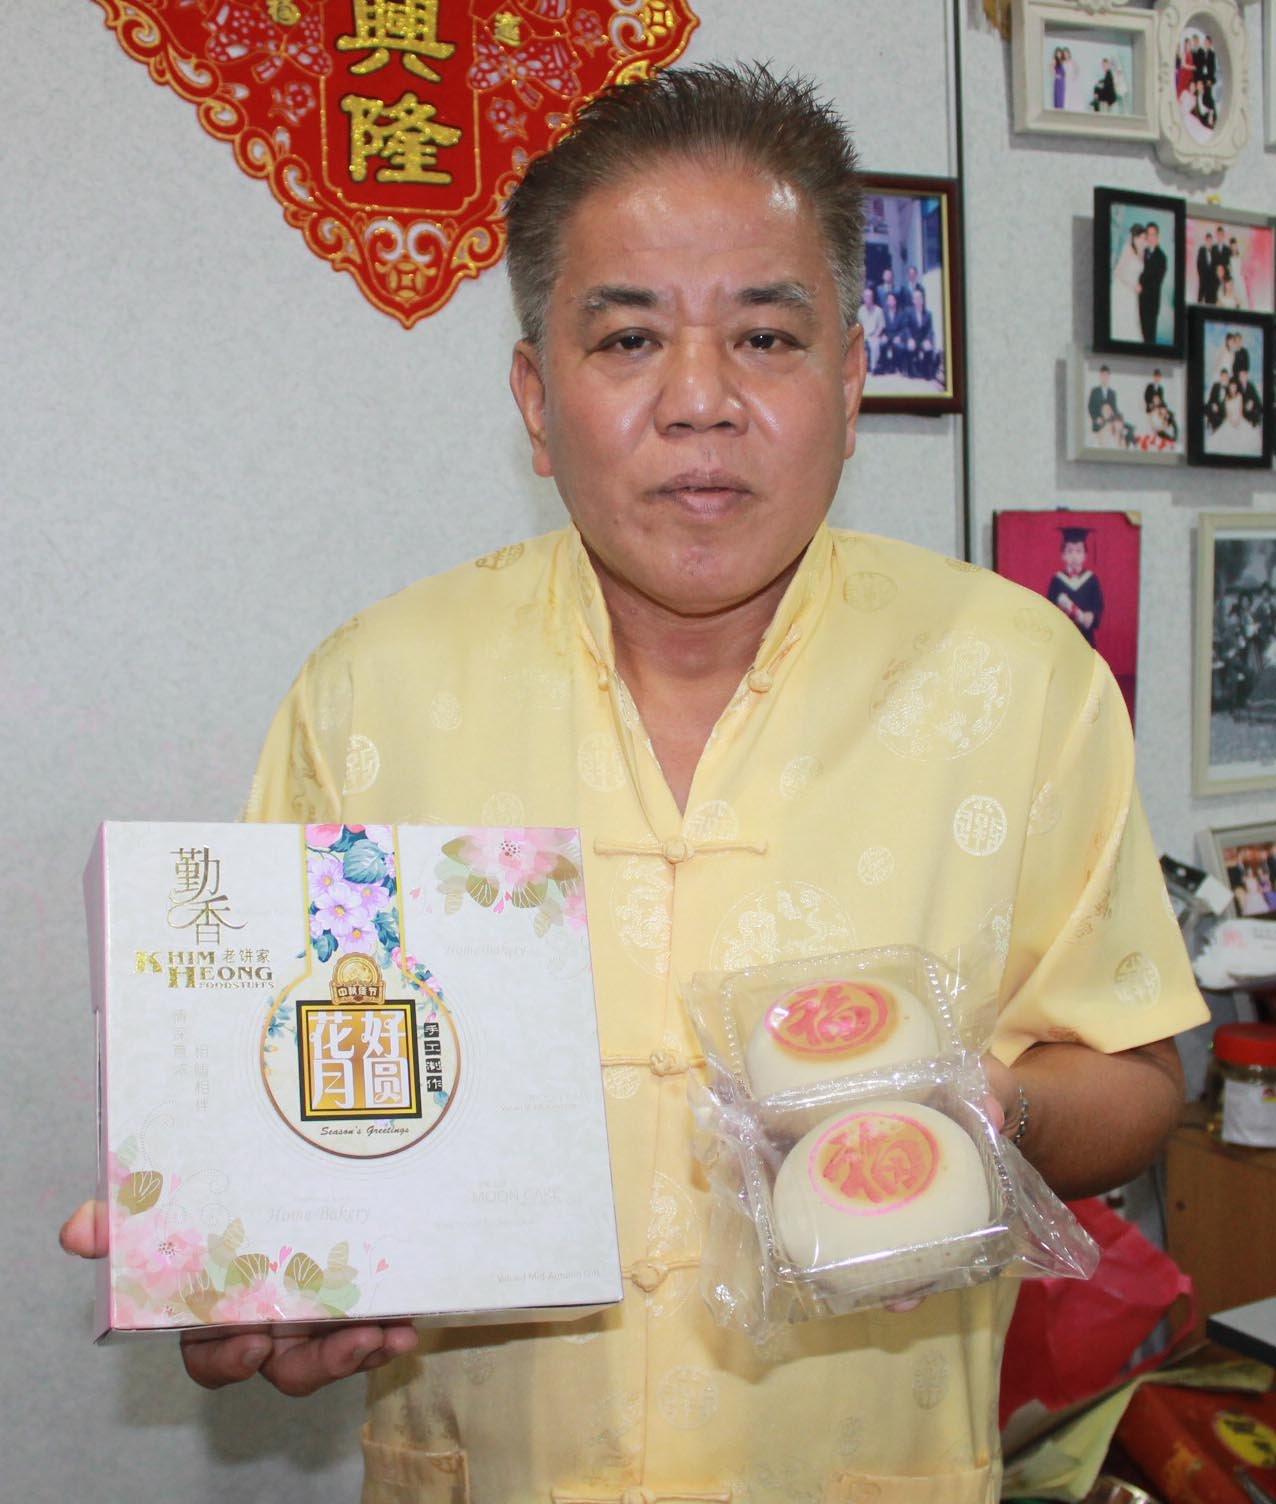 为传承福建人的传统食品,汪永平在每年中秋节来临之际,都会开炉烘制几近绝迹的福建月饼,为消费者提供另一个月饼选择。